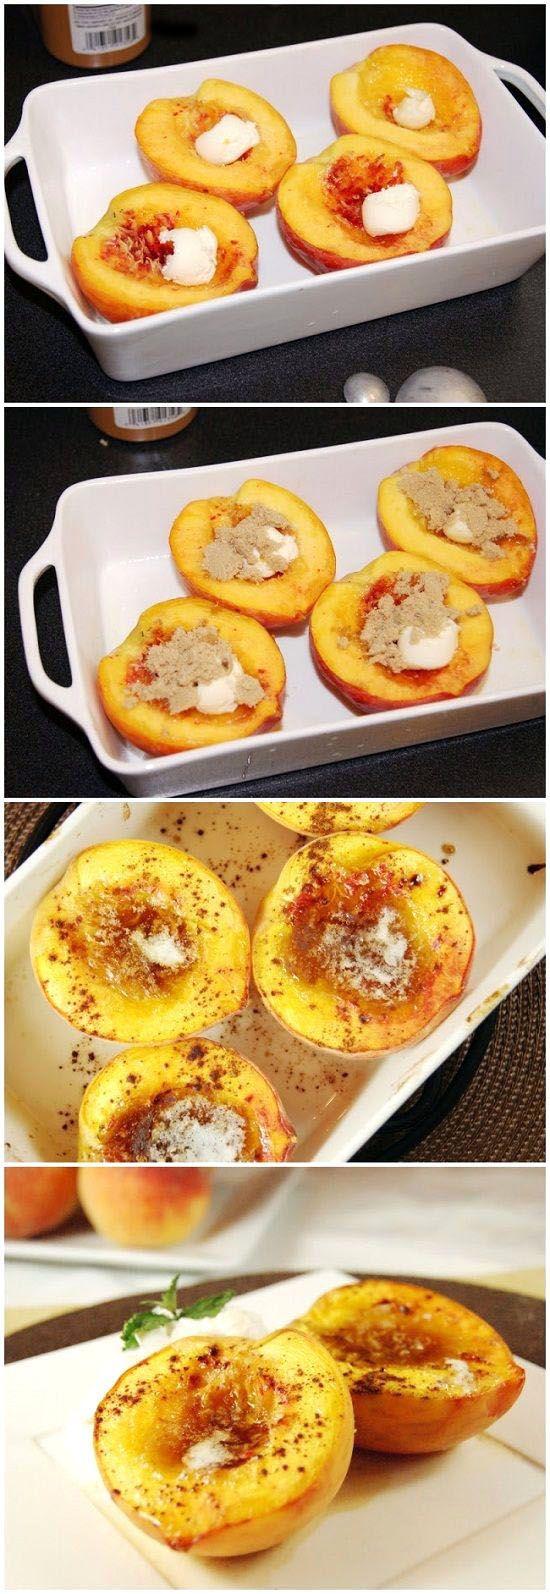 Brown Sugar Baked Peaches. Better than doughnuts